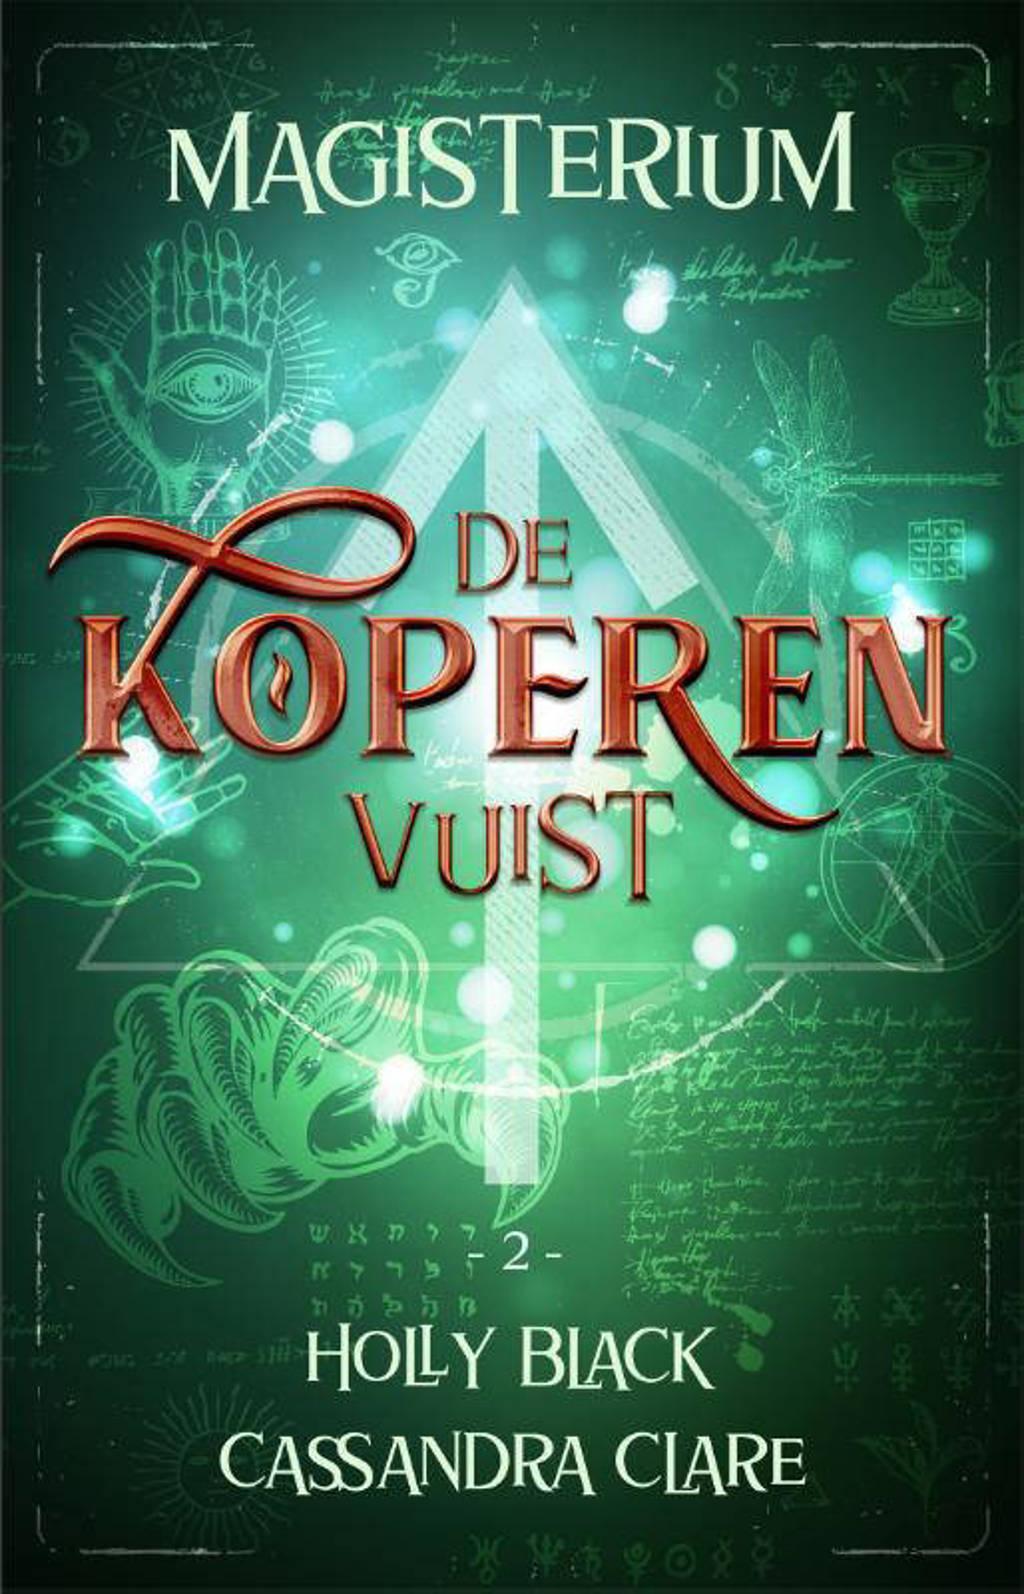 Magisterium: De Koperen Vuist - Holly Black en Cassandra Clare